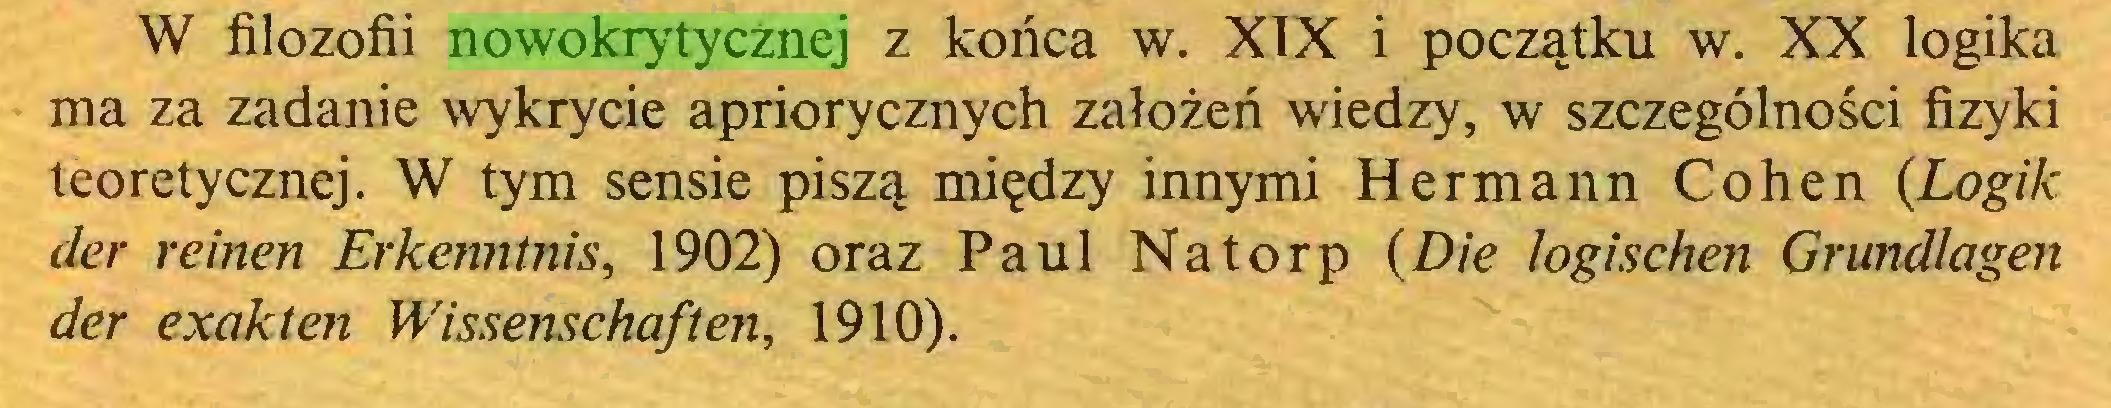 (...) W filozofii nowokrytycznej z końca w. XIX i początku w. XX logika ma za zadanie wykrycie apriorycznych założeń wiedzy, w szczególności fizyki teoretycznej. W tym sensie piszą między innymi Hermann Cohen {Logik der reinen Erkenntnis, 1902) oraz Paul Natorp {Die logischen Grundlagen der exakten Wissenschaften, 1910)...